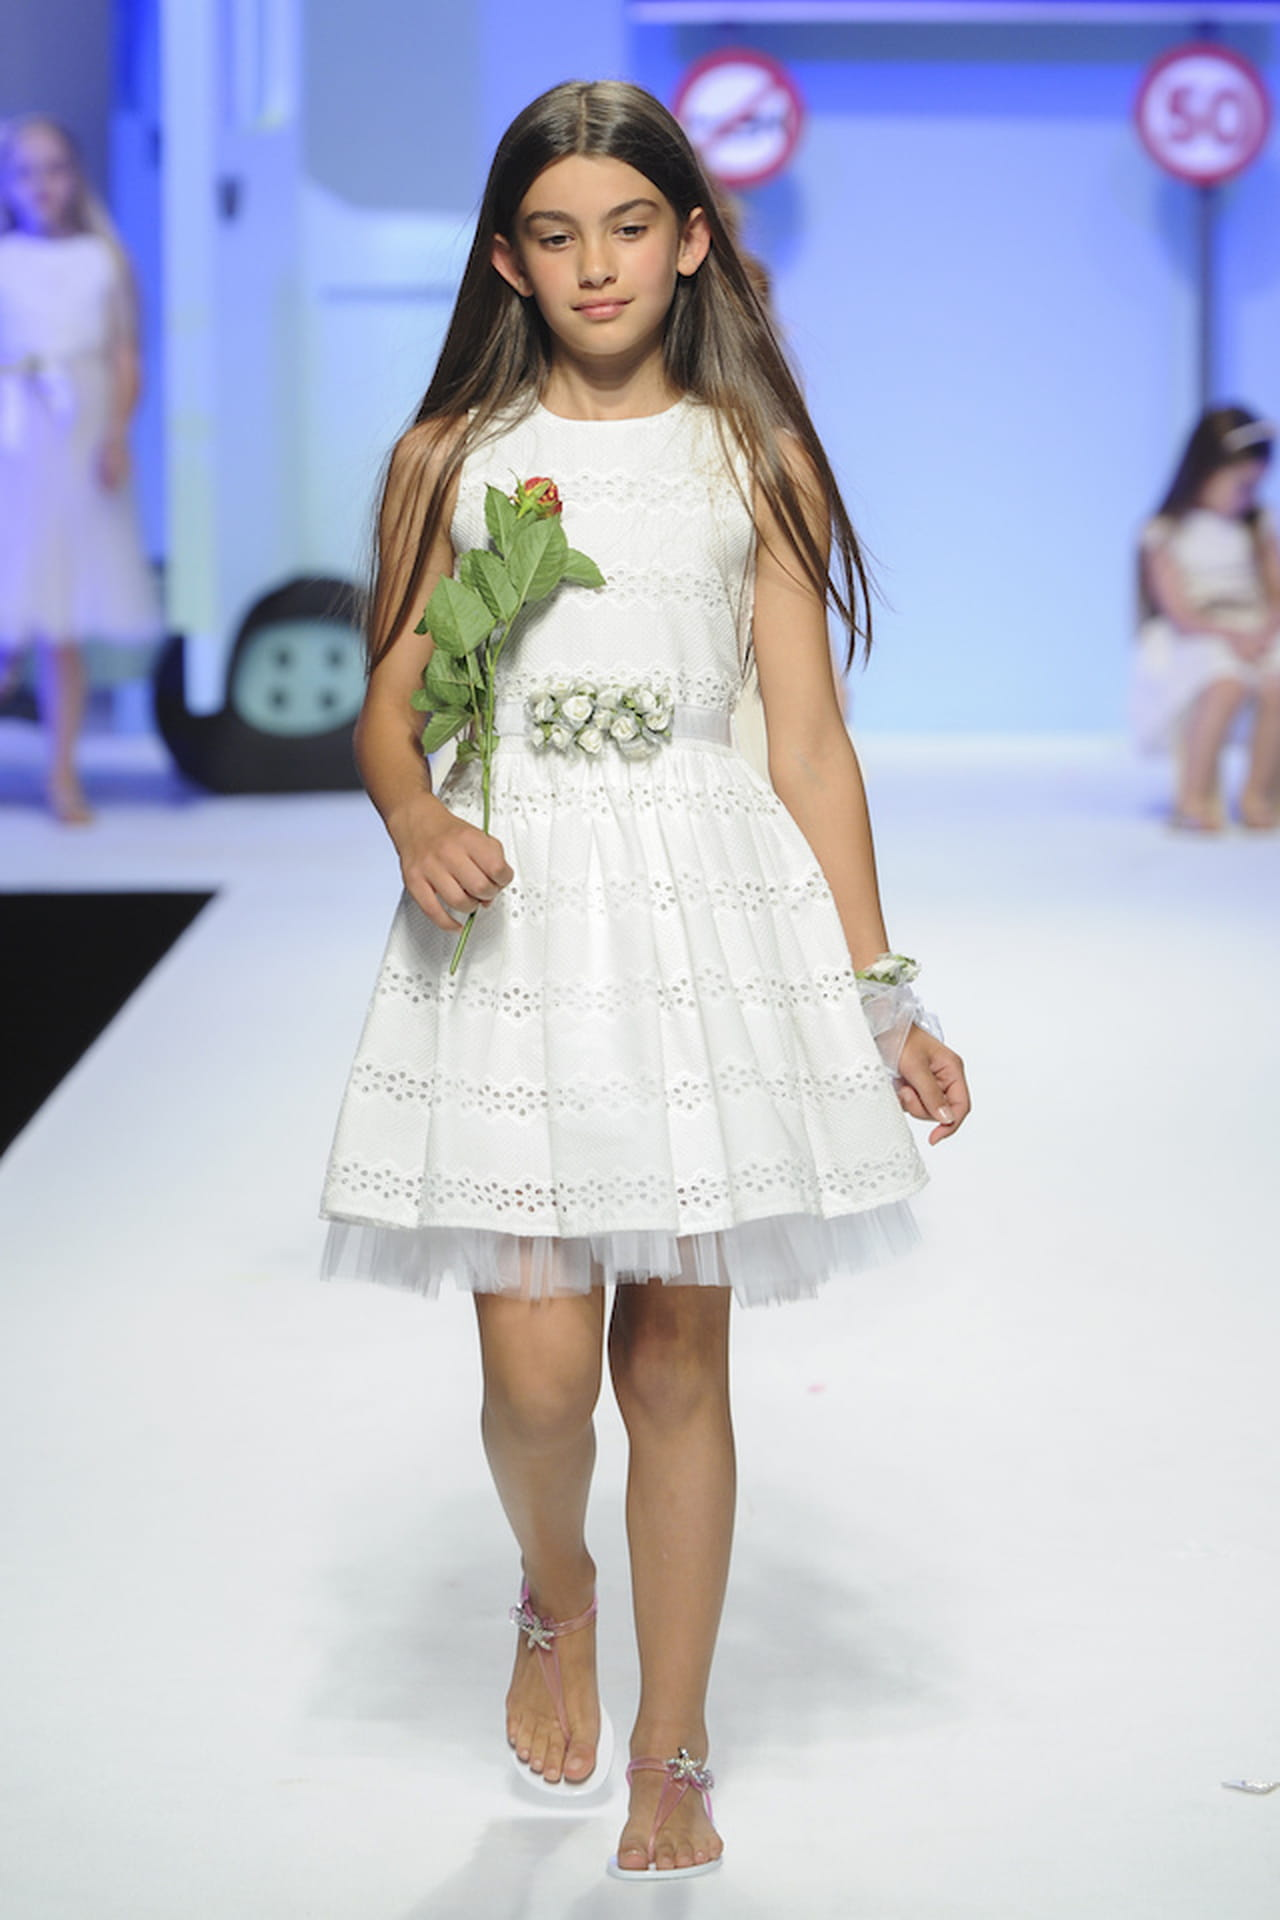 Damigella bambina  dettagli di stile. Il dettaglio floreale sulla cinturina  regala a questo abito da damigella un tocco ricercato e chic. 7ccfaa7c7e8